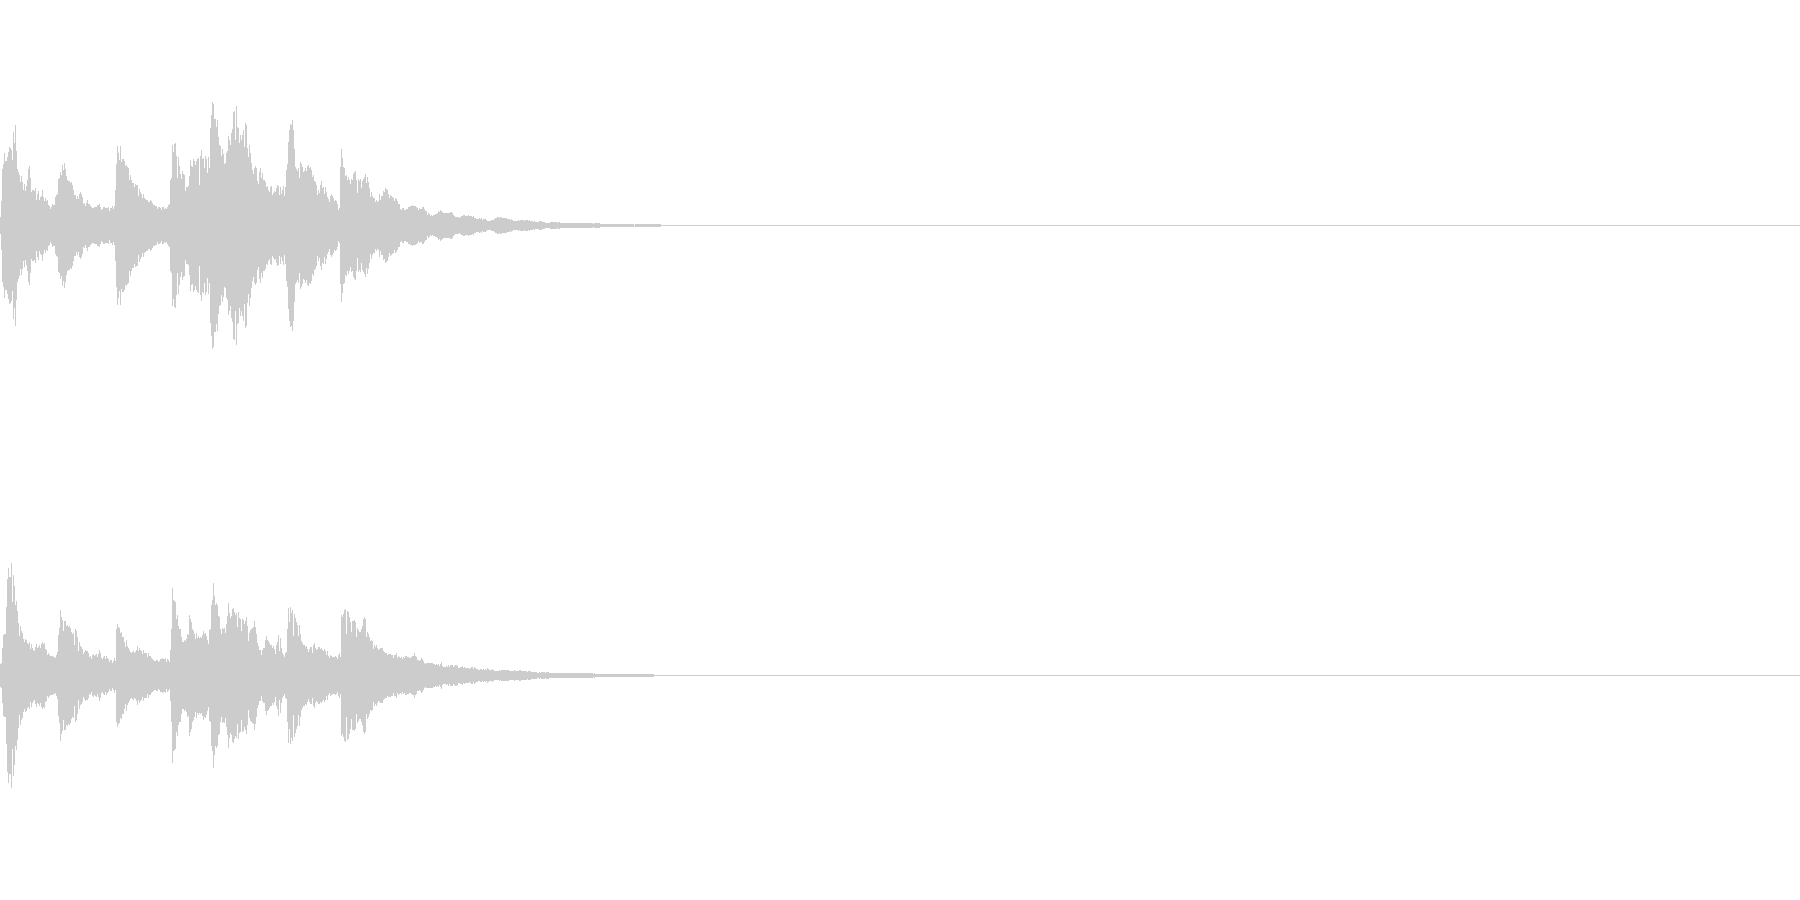 アイキャッチ用の音の未再生の波形